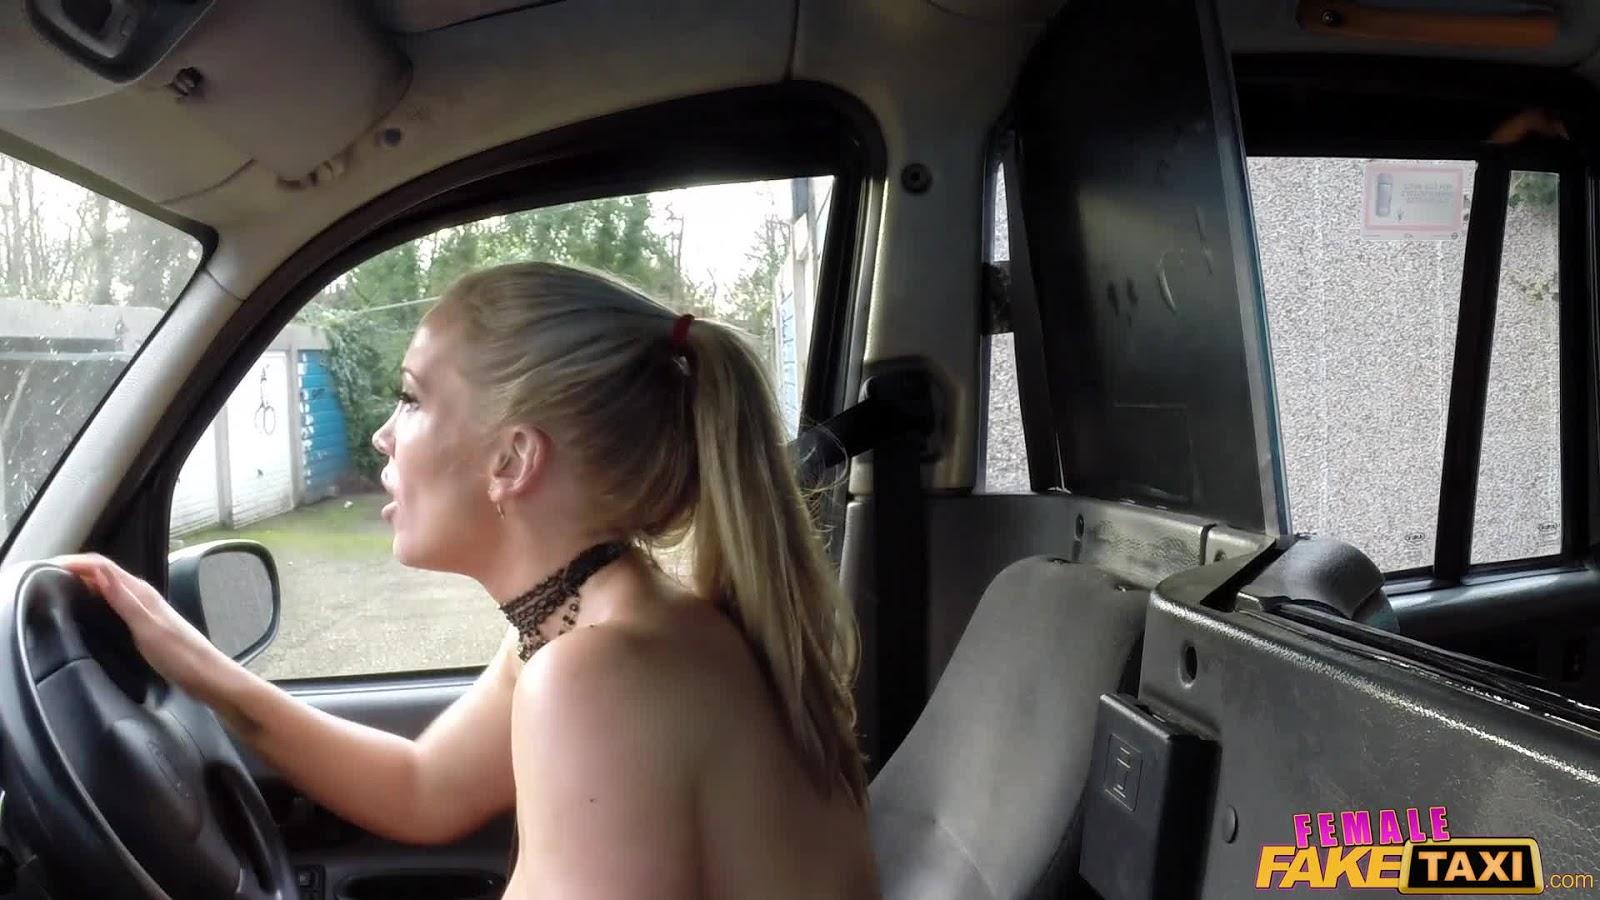 female fake taxi full